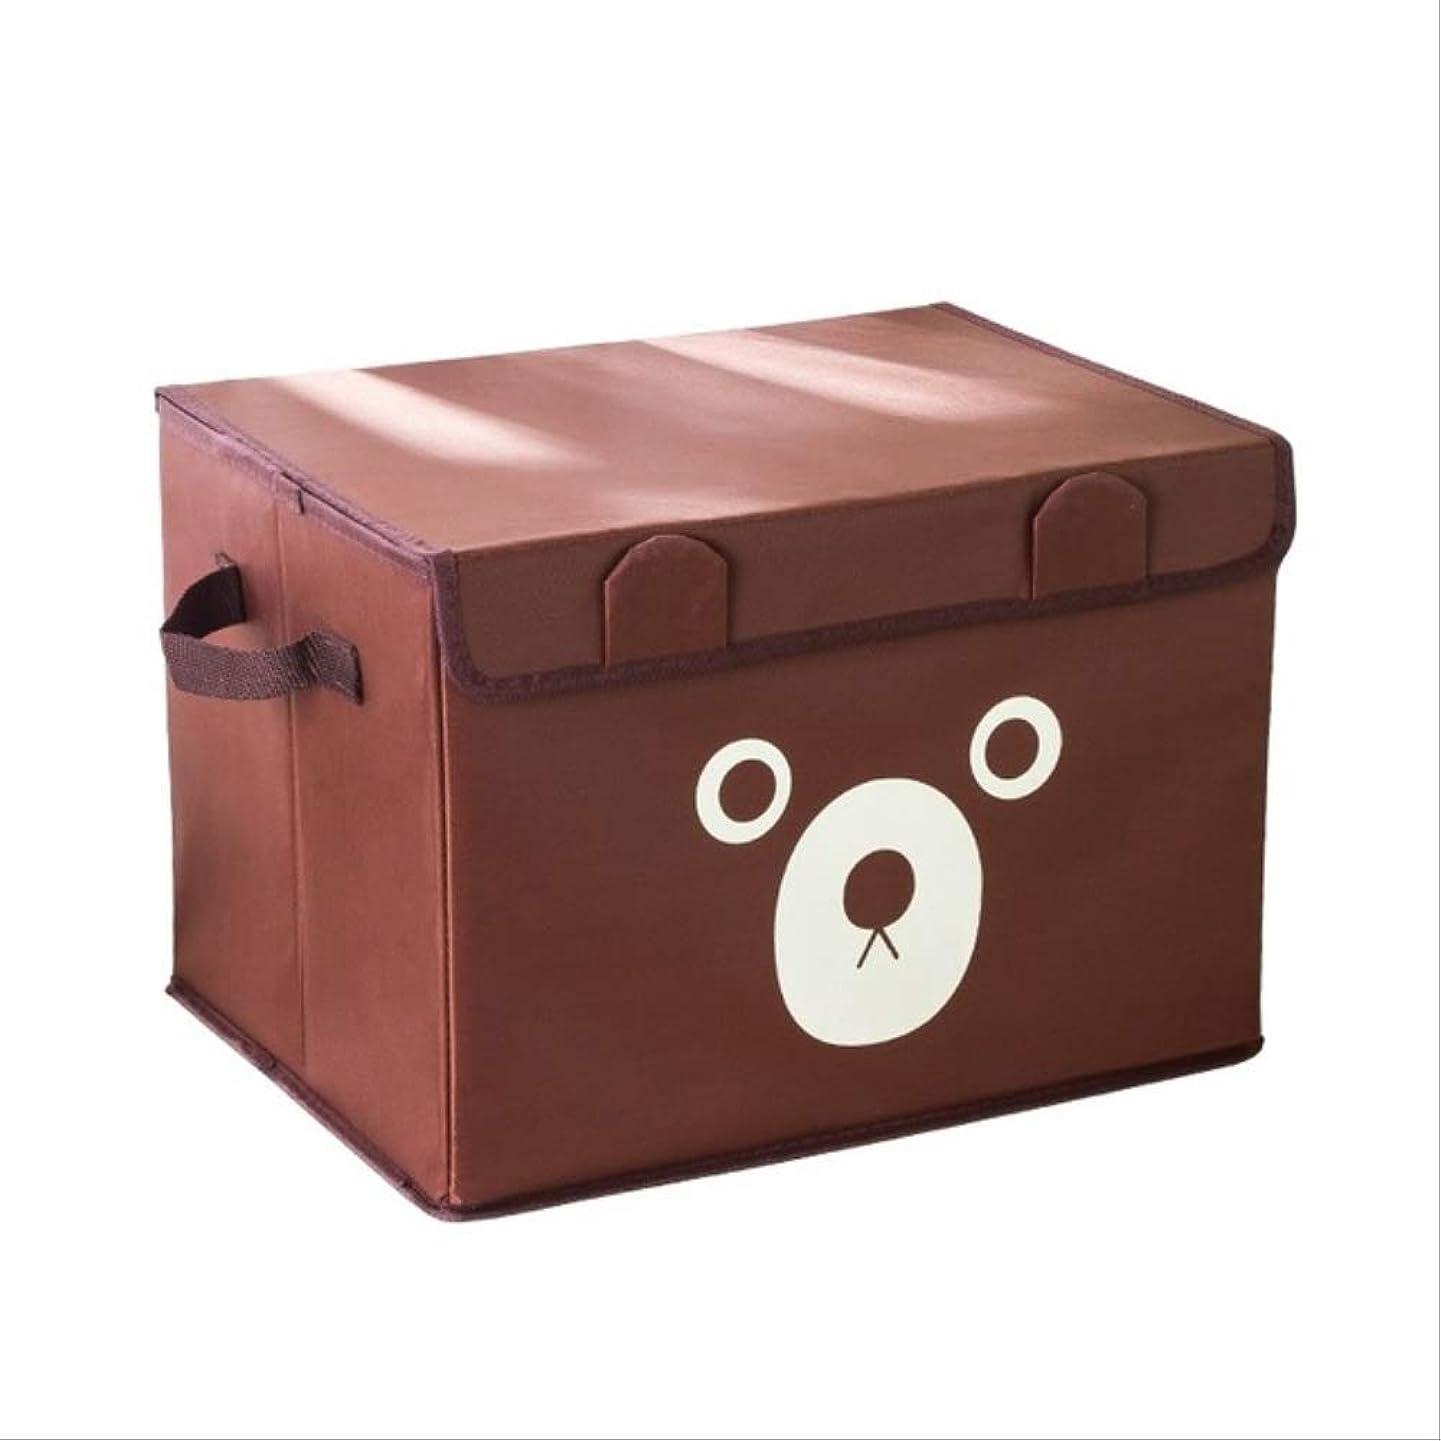 ペンス反対する反対する棚 折りたたみ式オックスフォード漫画かわいいクマ収納ボックス服下着ブラソックスキッドおもちゃオーガナイザーホームストレージビン M 茶色